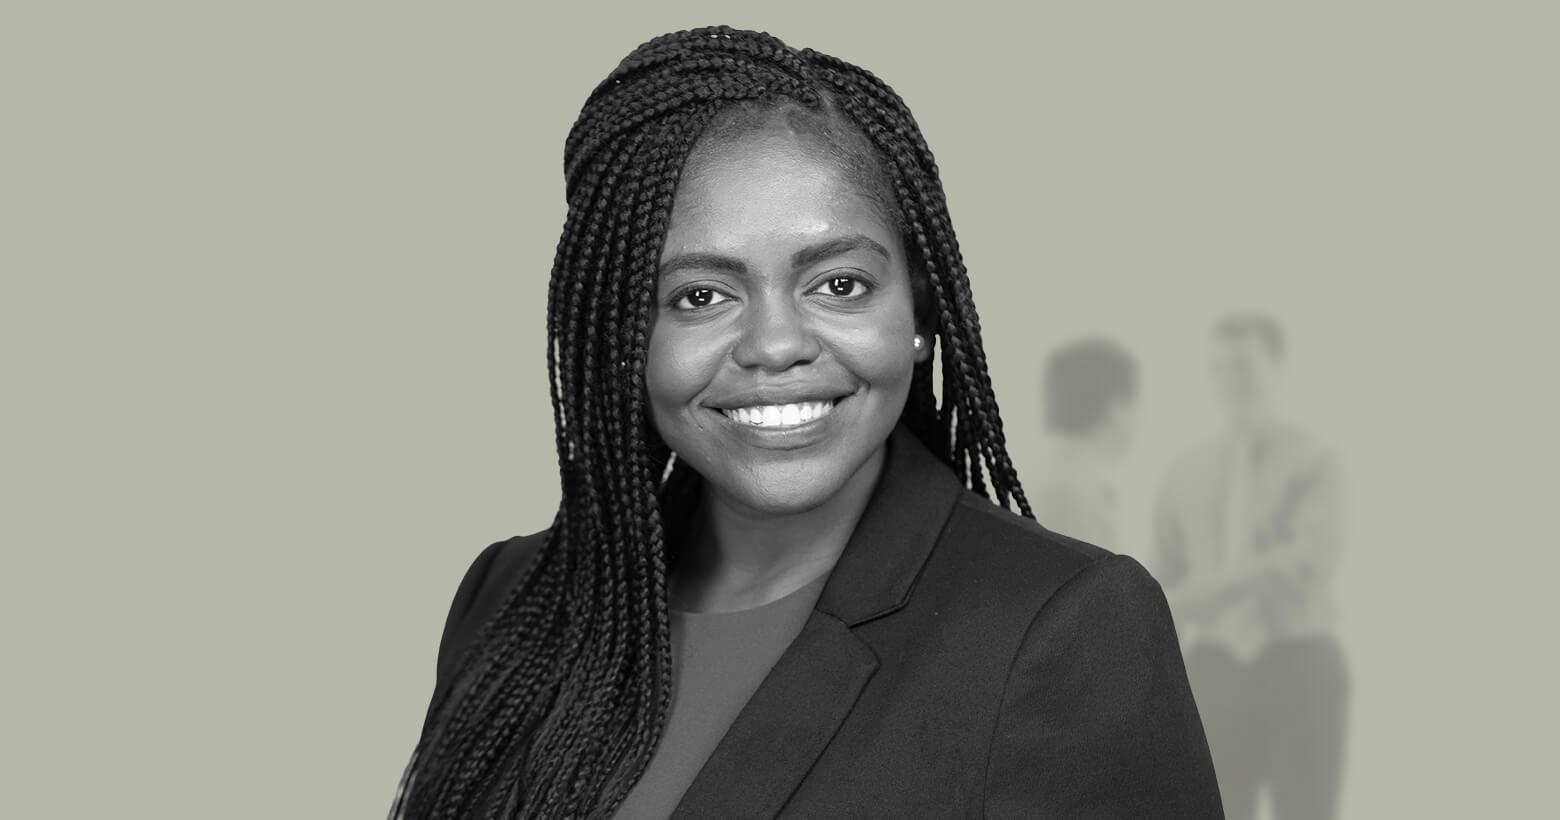 Minzala Mvula